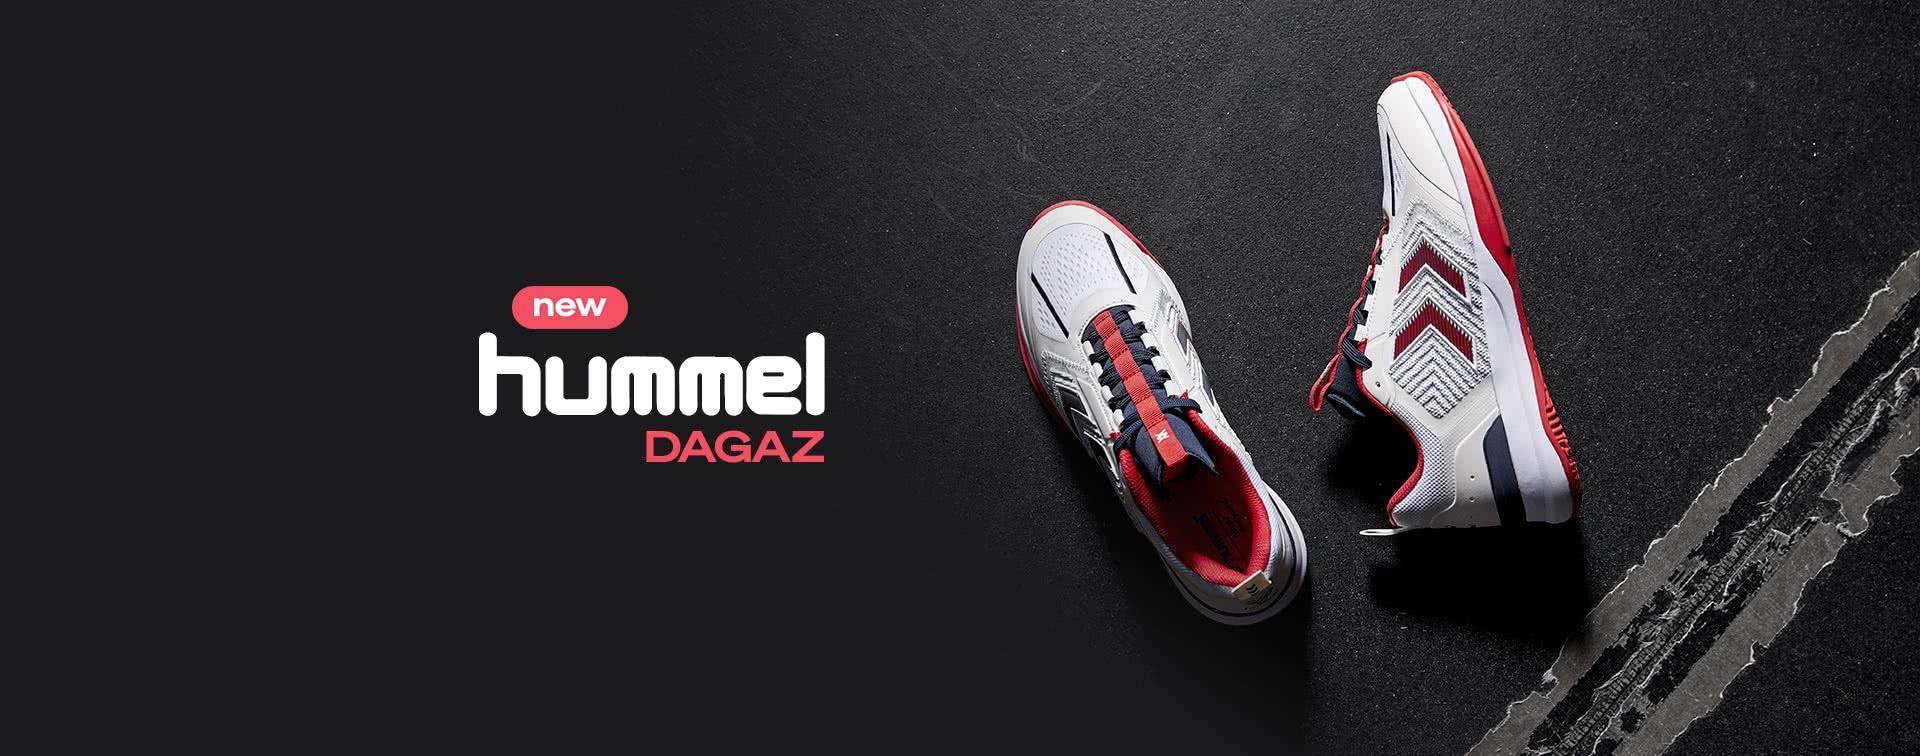 Hummel handball shoes